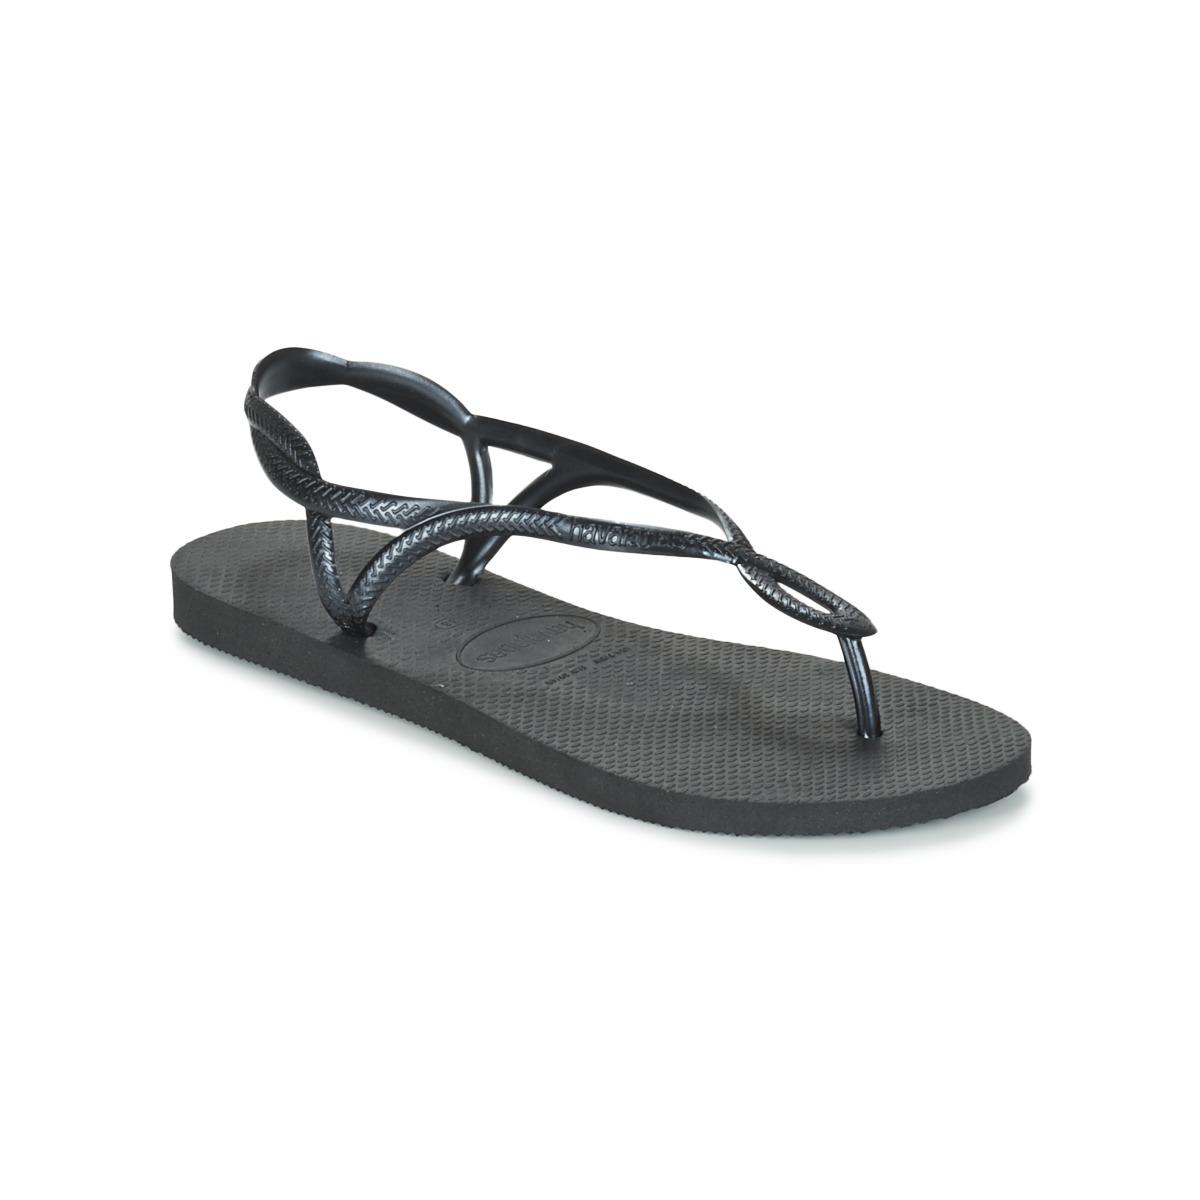 Havaianas LUNA Schwarz - Kostenloser Versand bei Spartoode ! - Schuhe Zehensandalen Damen 23,99 €